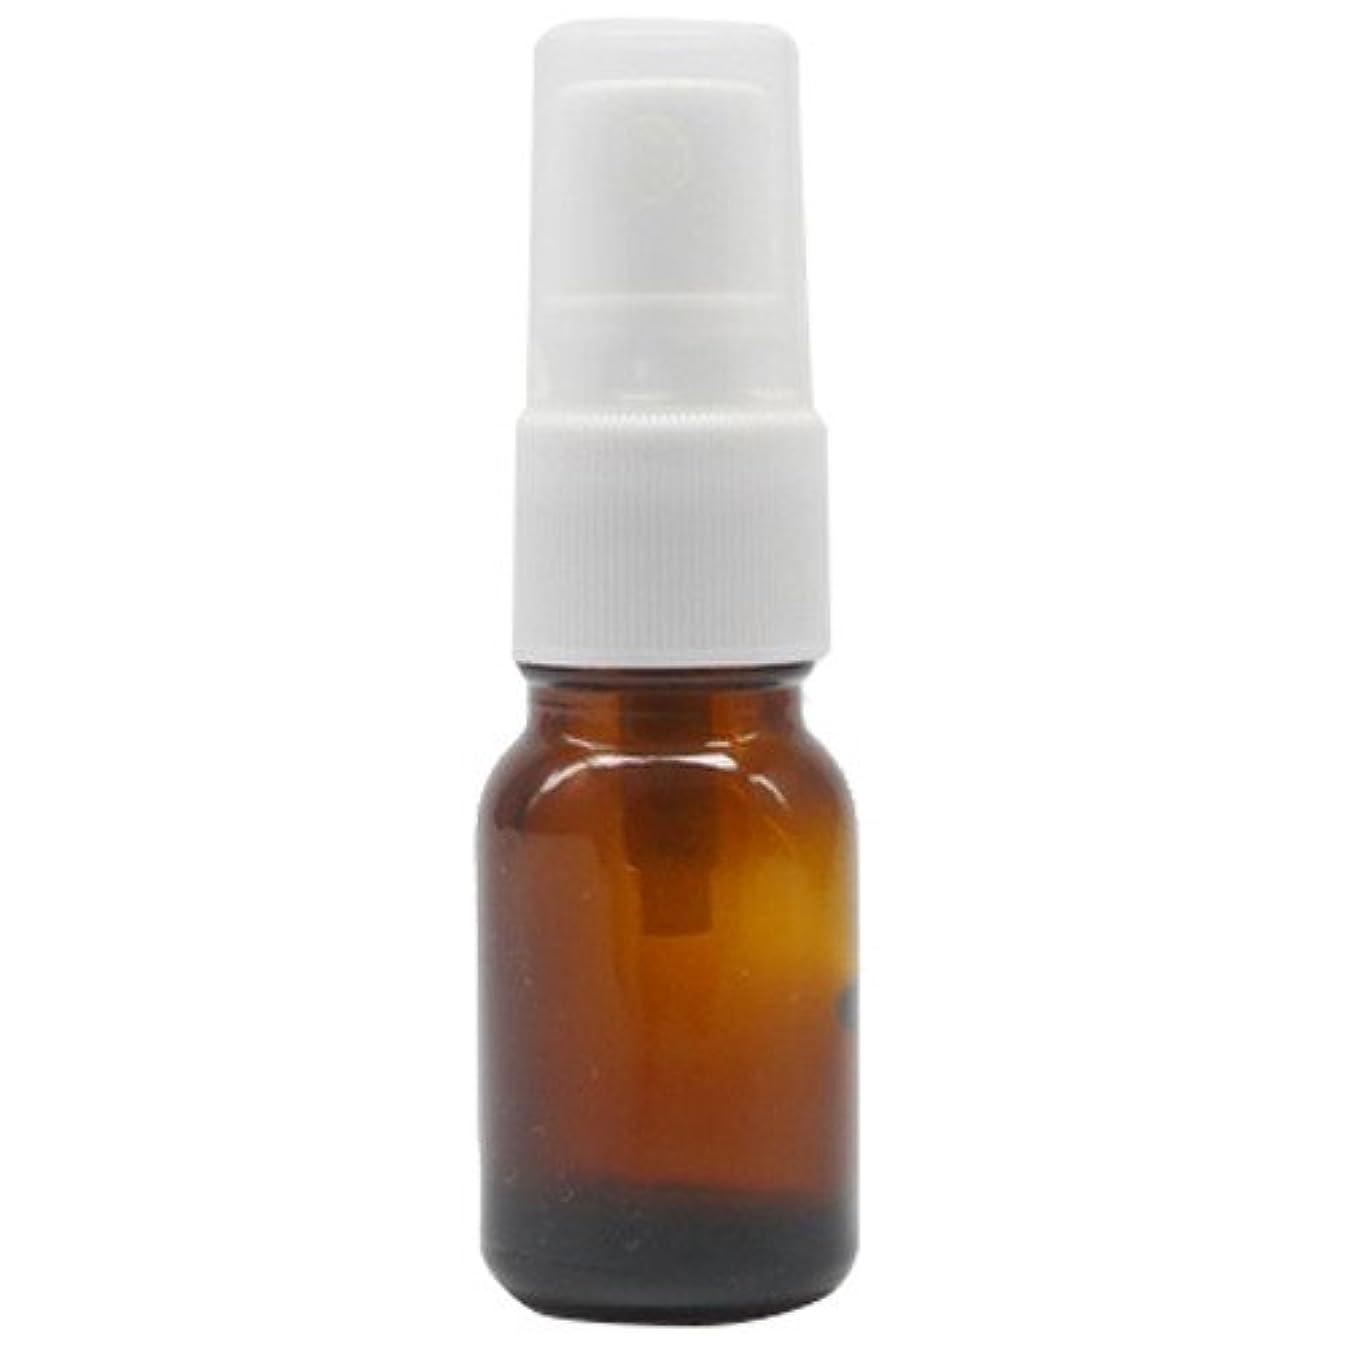 姿勢私たちのもの疾患アロマアンドライフ (D)茶褐色スプレー瓶10ml 3本セット